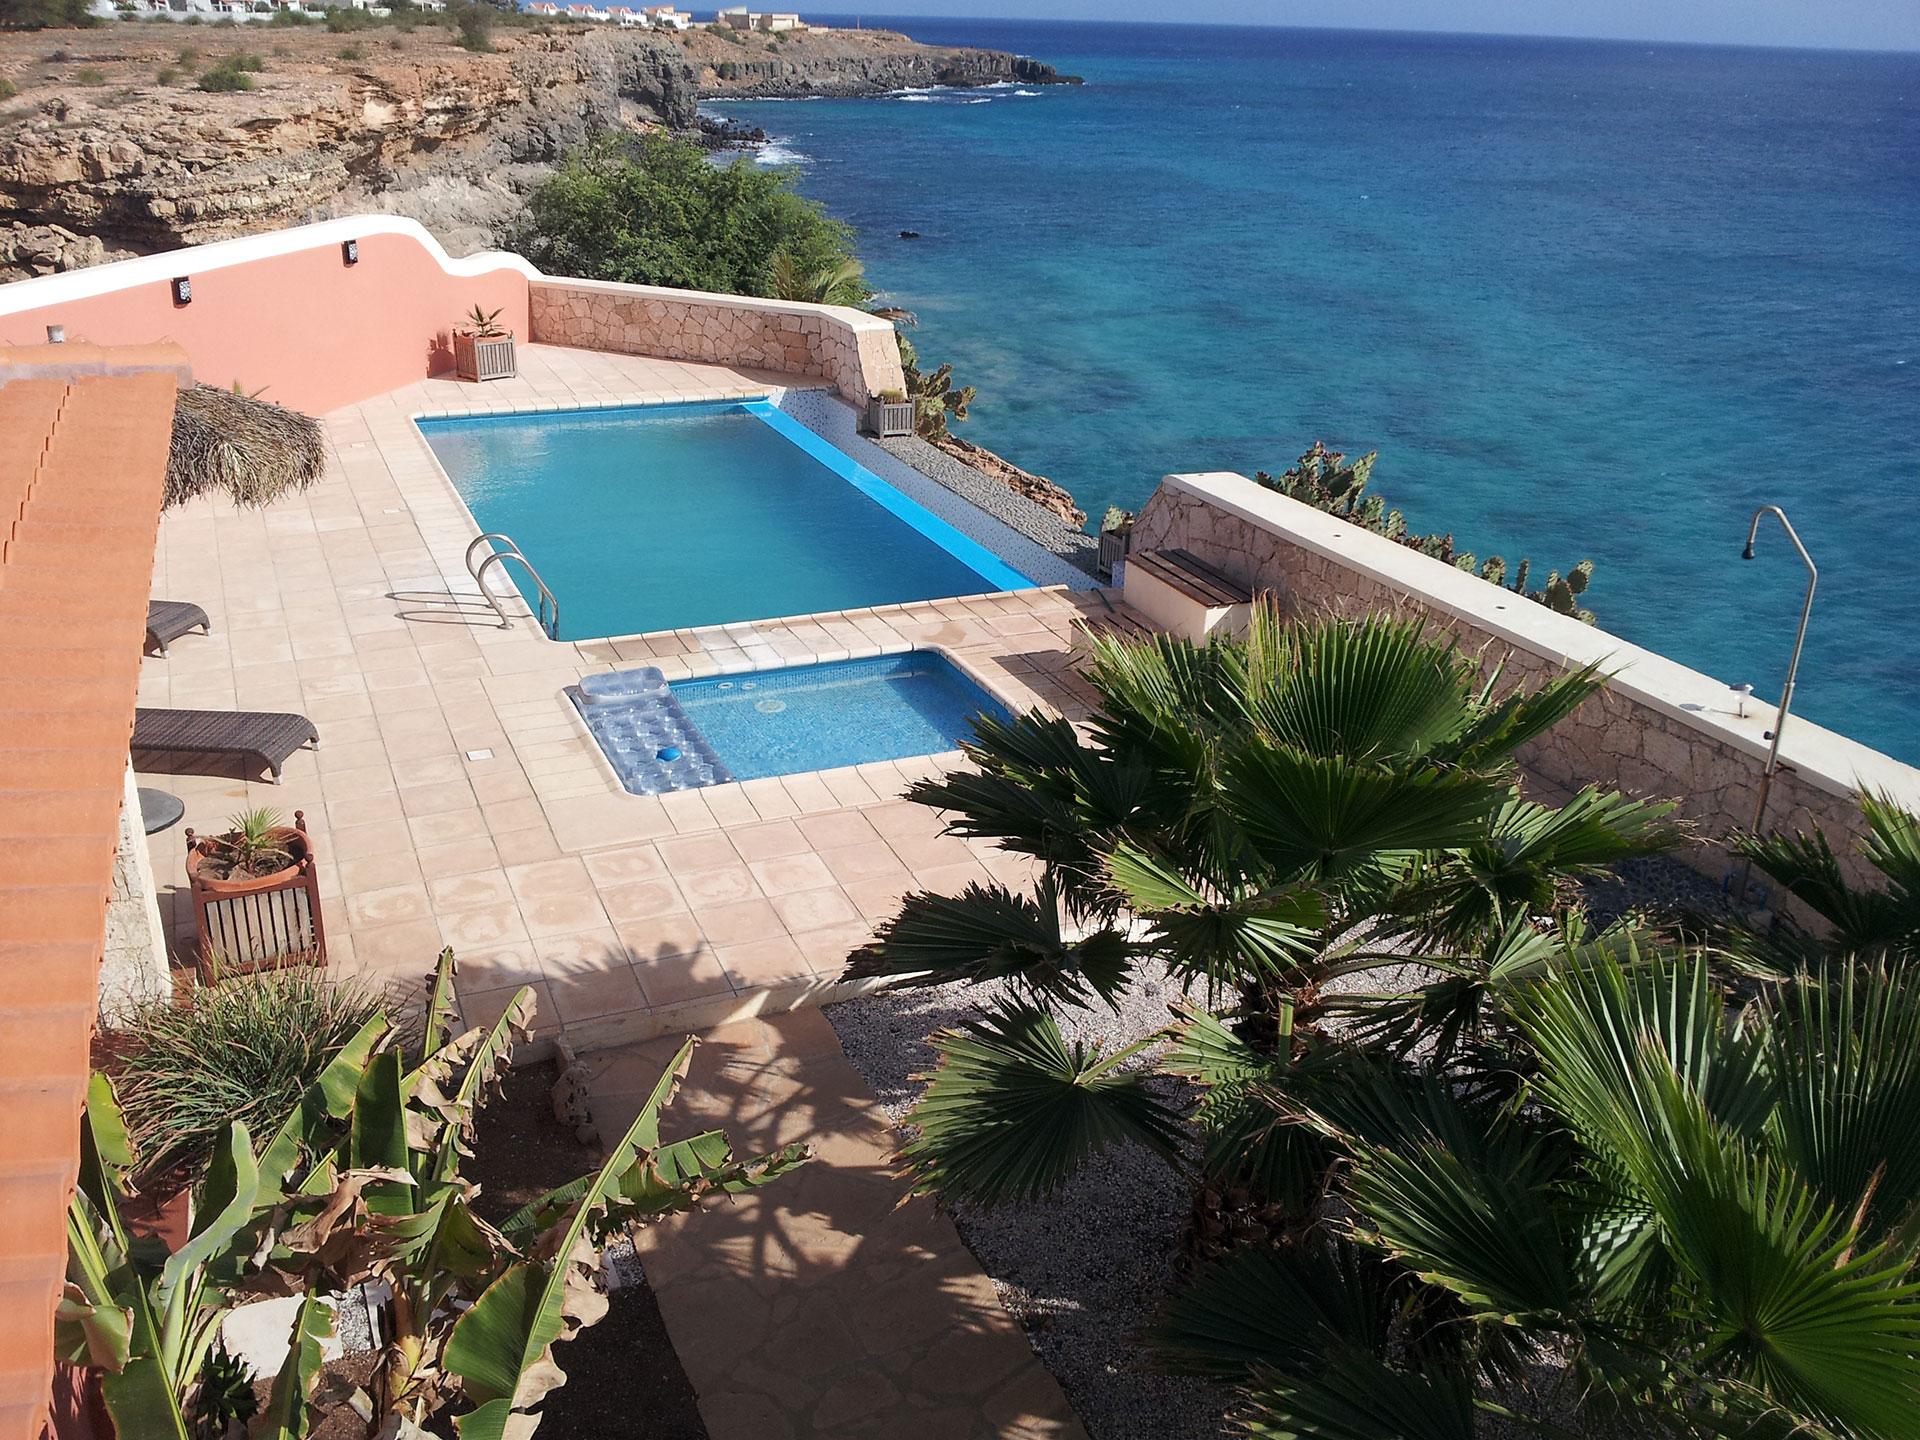 cap vert piscine top piscine en plein air with cap vert piscine great prsentation bassin de m. Black Bedroom Furniture Sets. Home Design Ideas